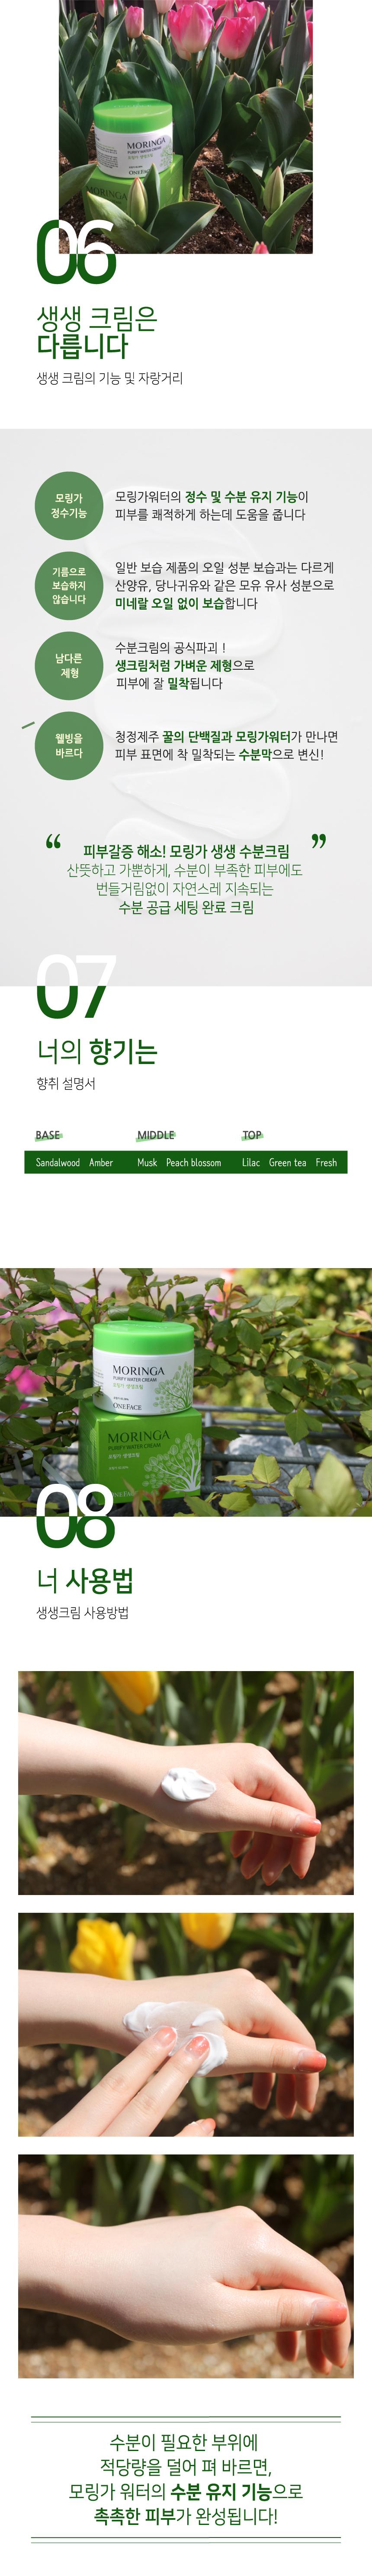 원페이스 모링가크림 수분크림 탄력크림 피부탄력 영양크림 보습크림 주름개선화장품